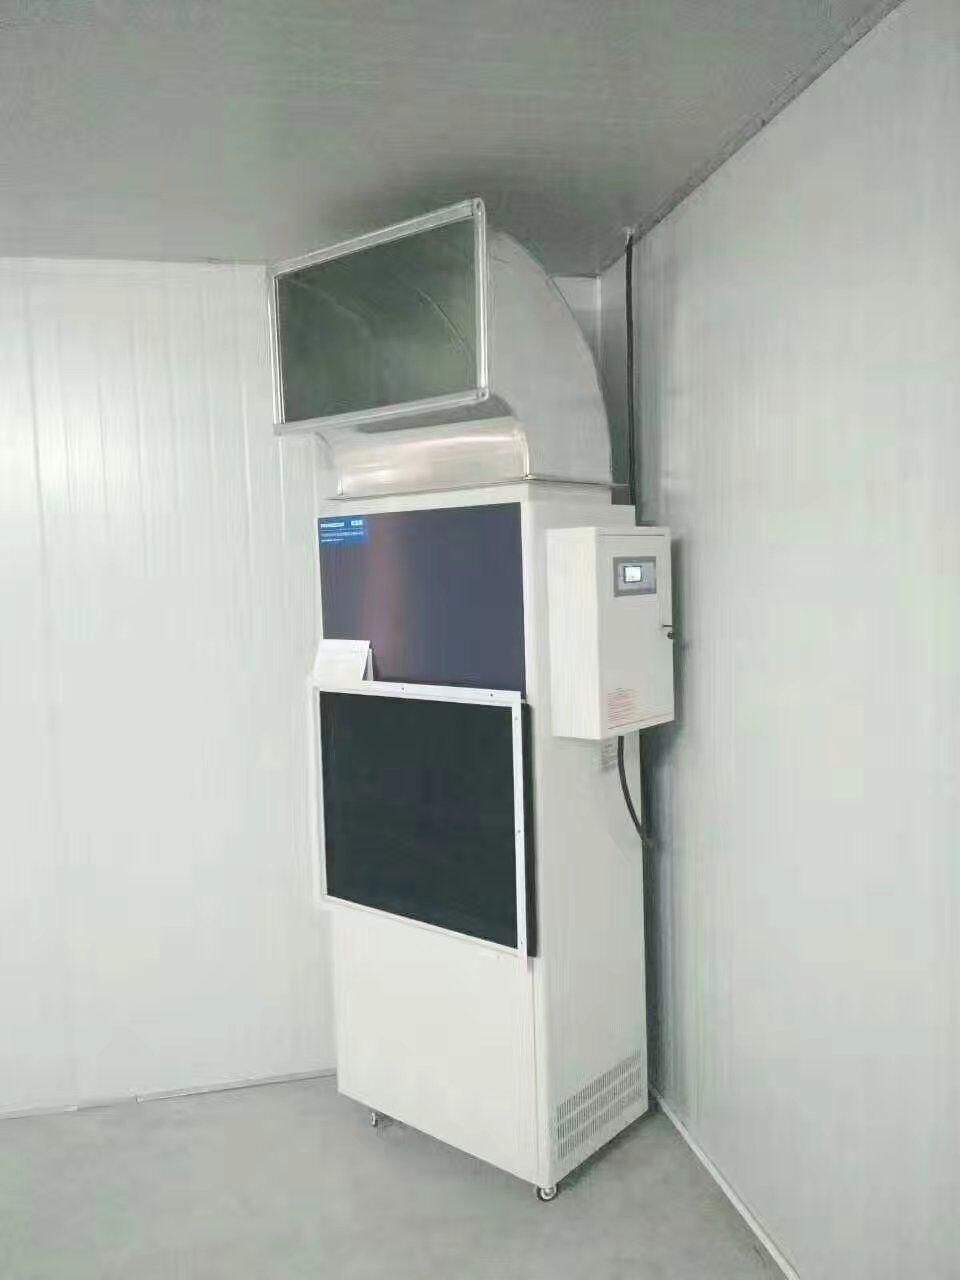 工业抽湿机/仓库空气除湿机的节能小技巧